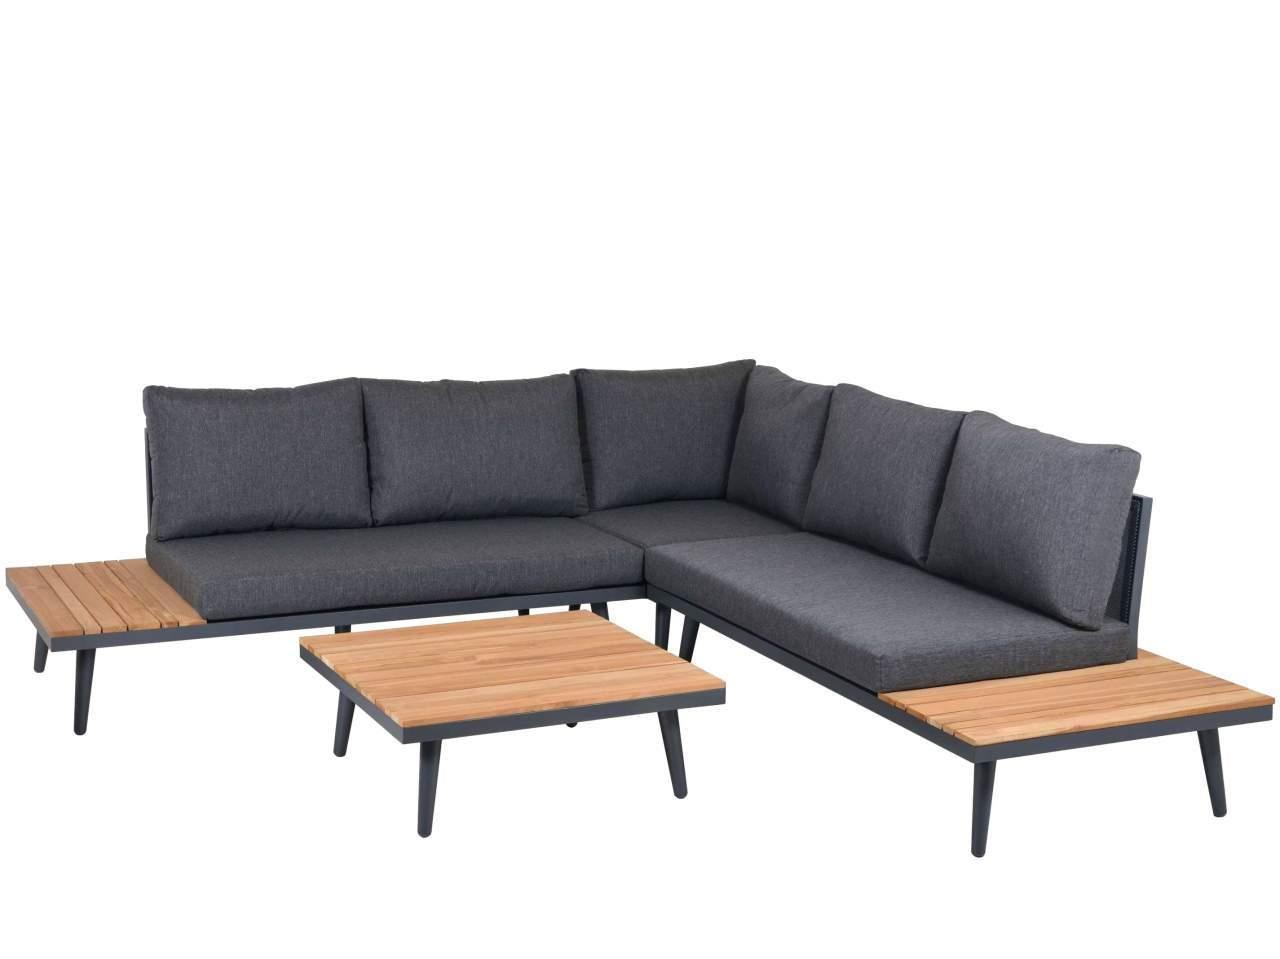 Pool Für Den Garten Reizend 35 Luxus Couch Garten Einzigartig